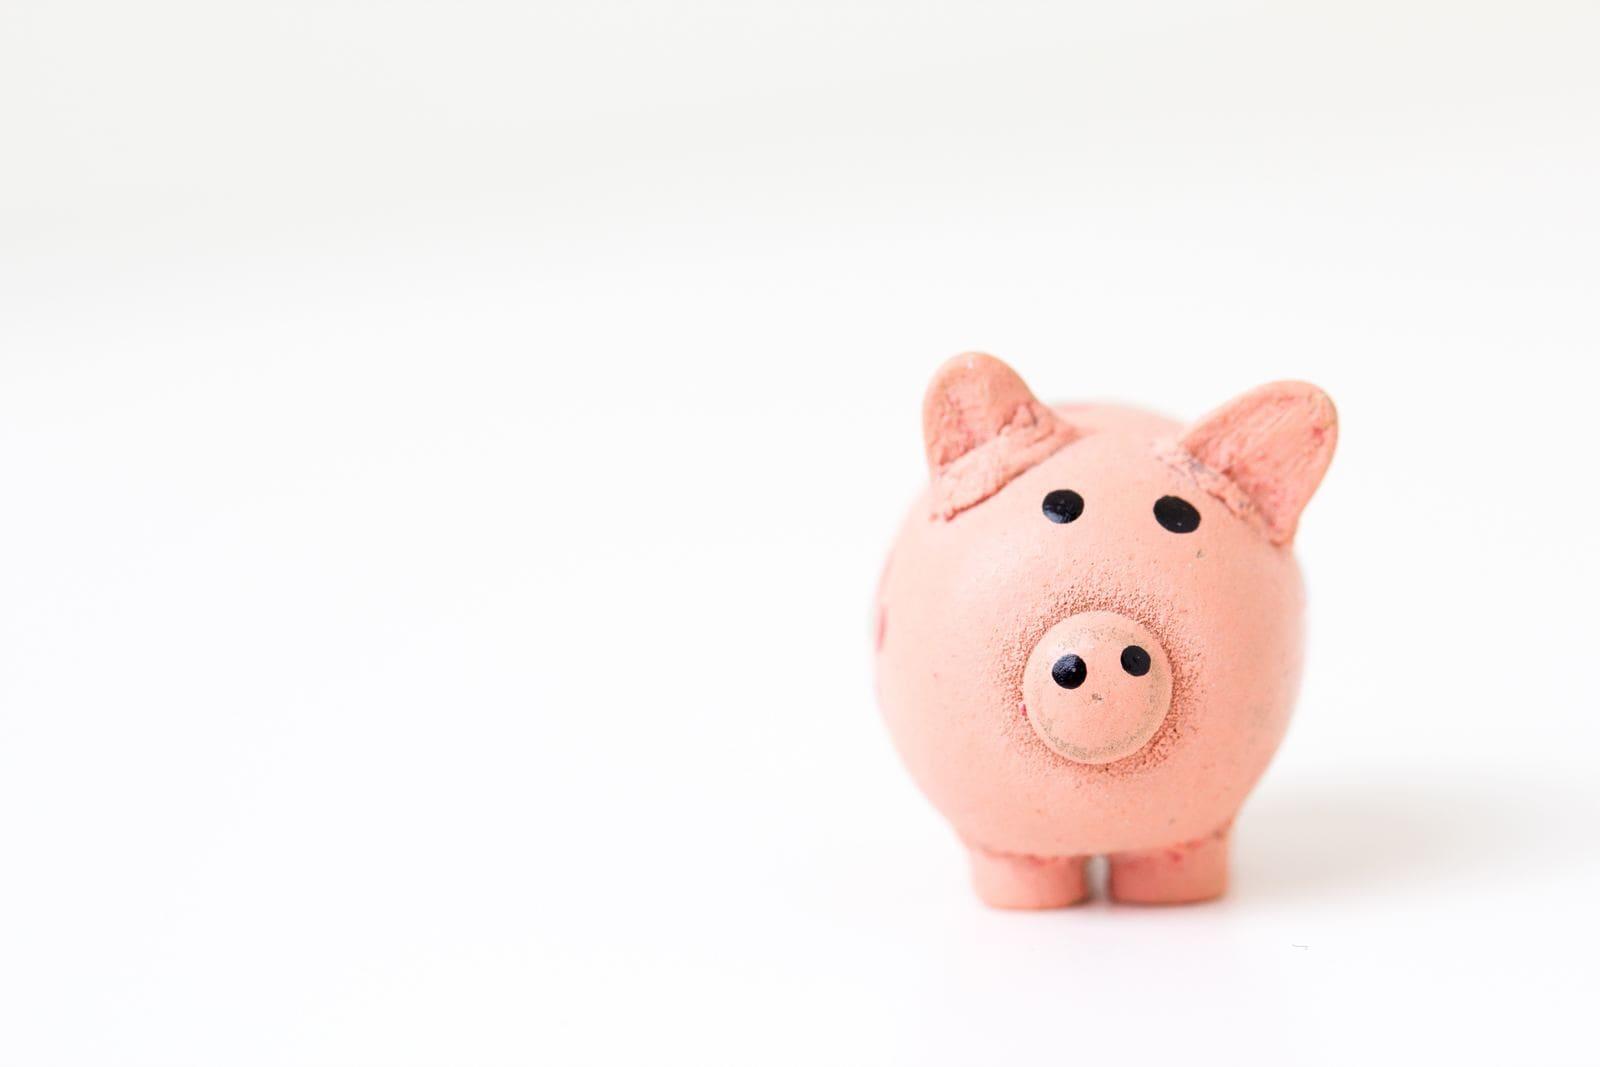 Réaliser une gestion prévisionnelle et budgétaire efficace